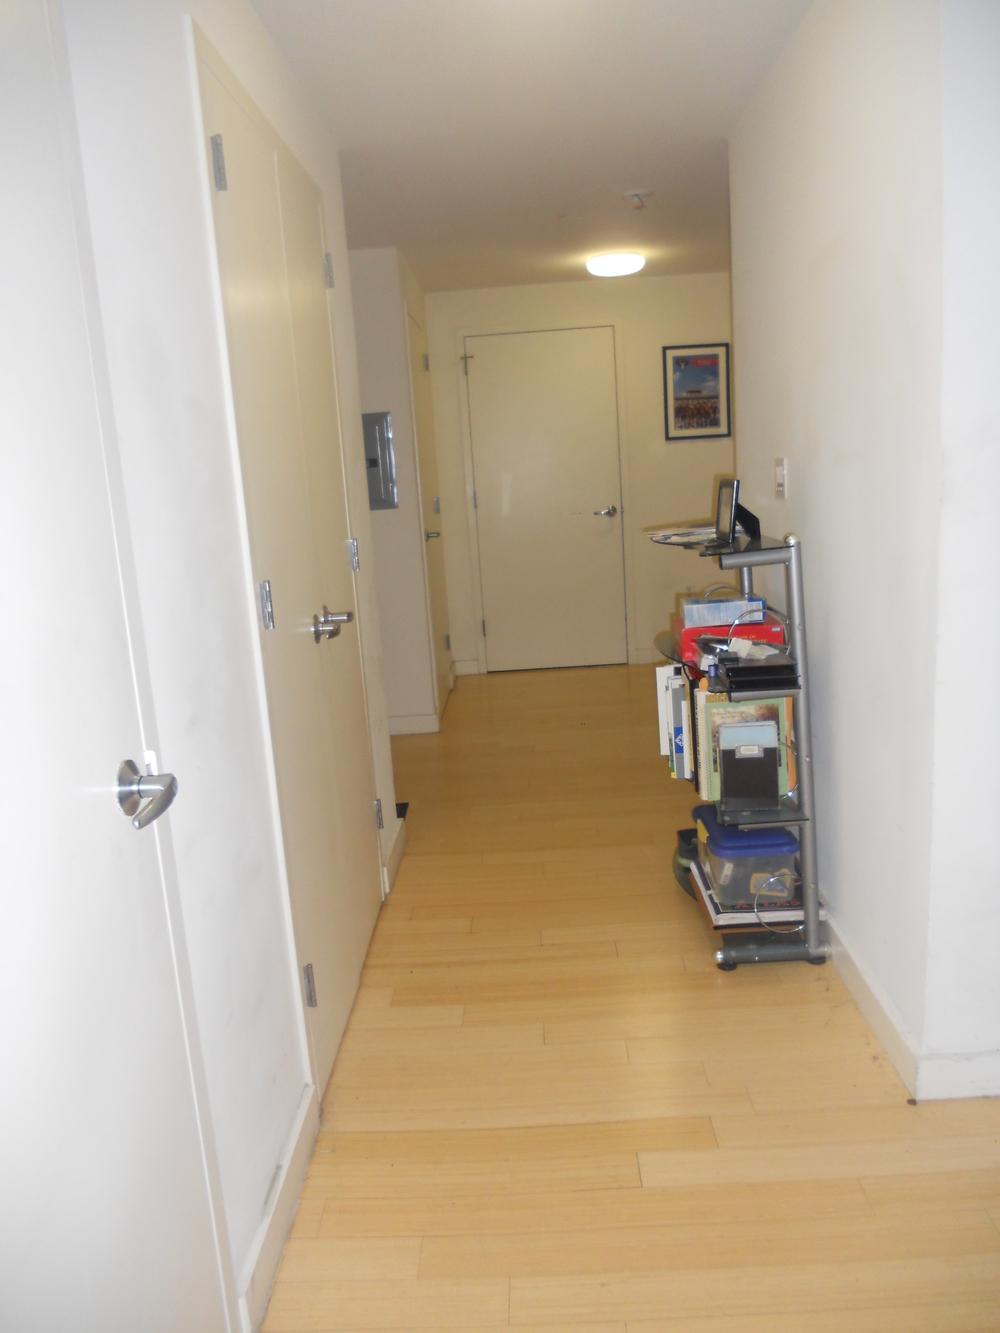 apt-hallway.jpg